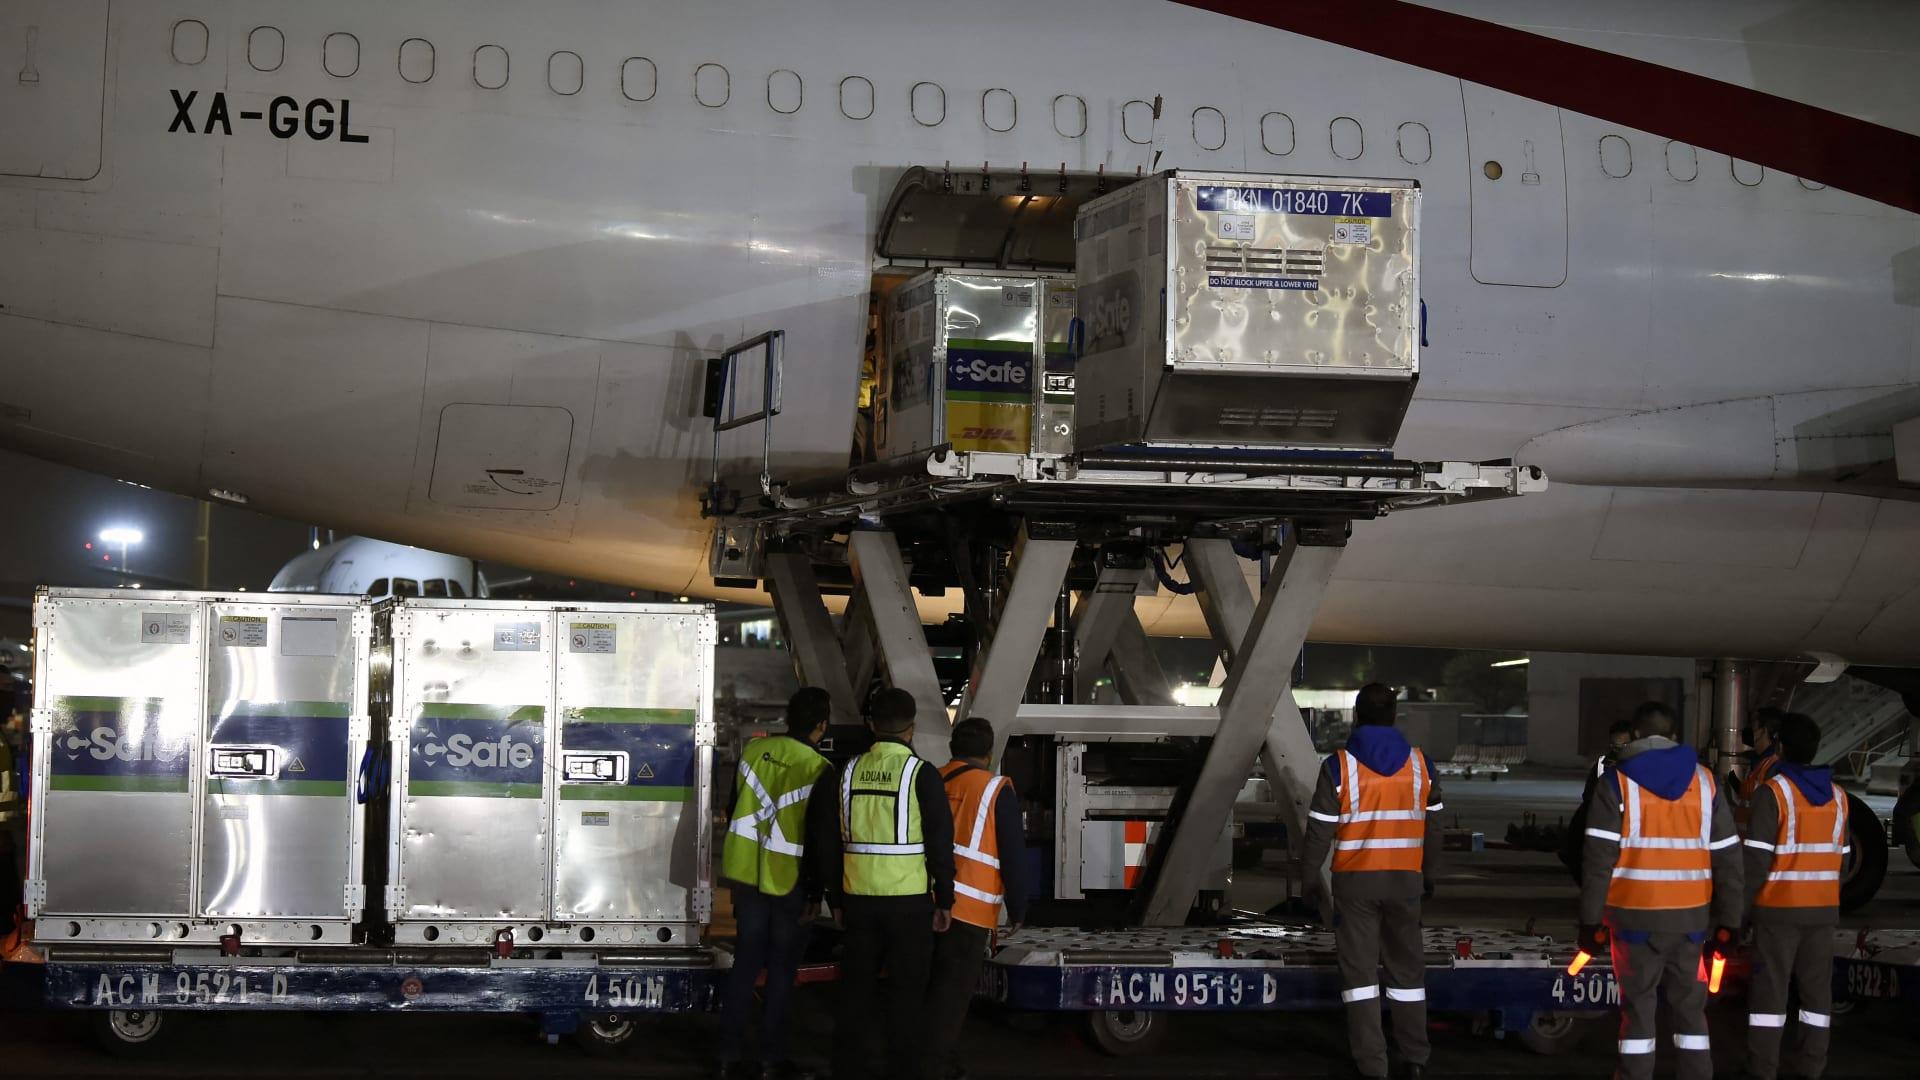 يقوم موظفون بتفريغ حاويات الشحن من لقاح AstraZeneca قادمة من الولايات المتحدة في مطار بينيتو خواريز الدولي في مكسيكو سيتي في 28 مارس 2021